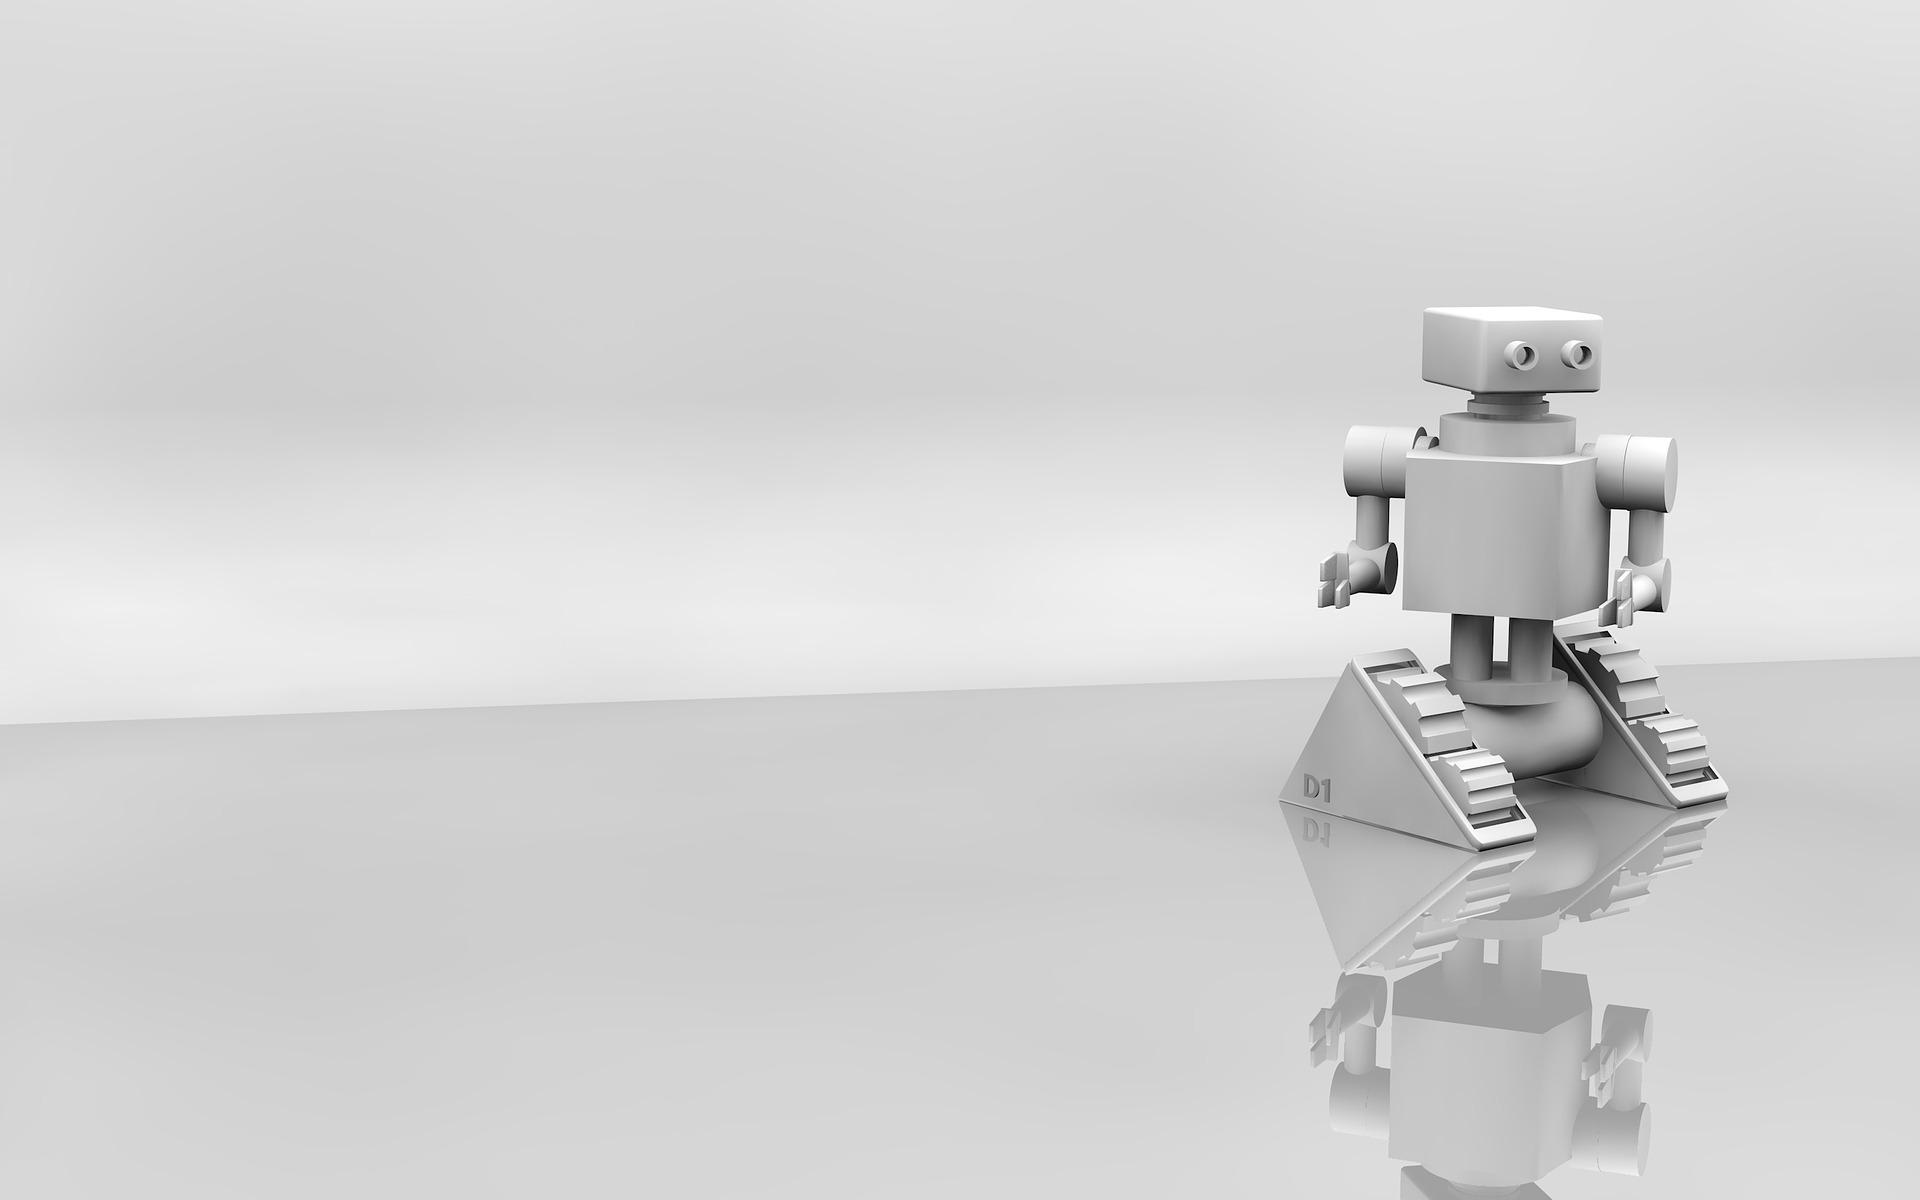 robot-2937861_1920.jpg